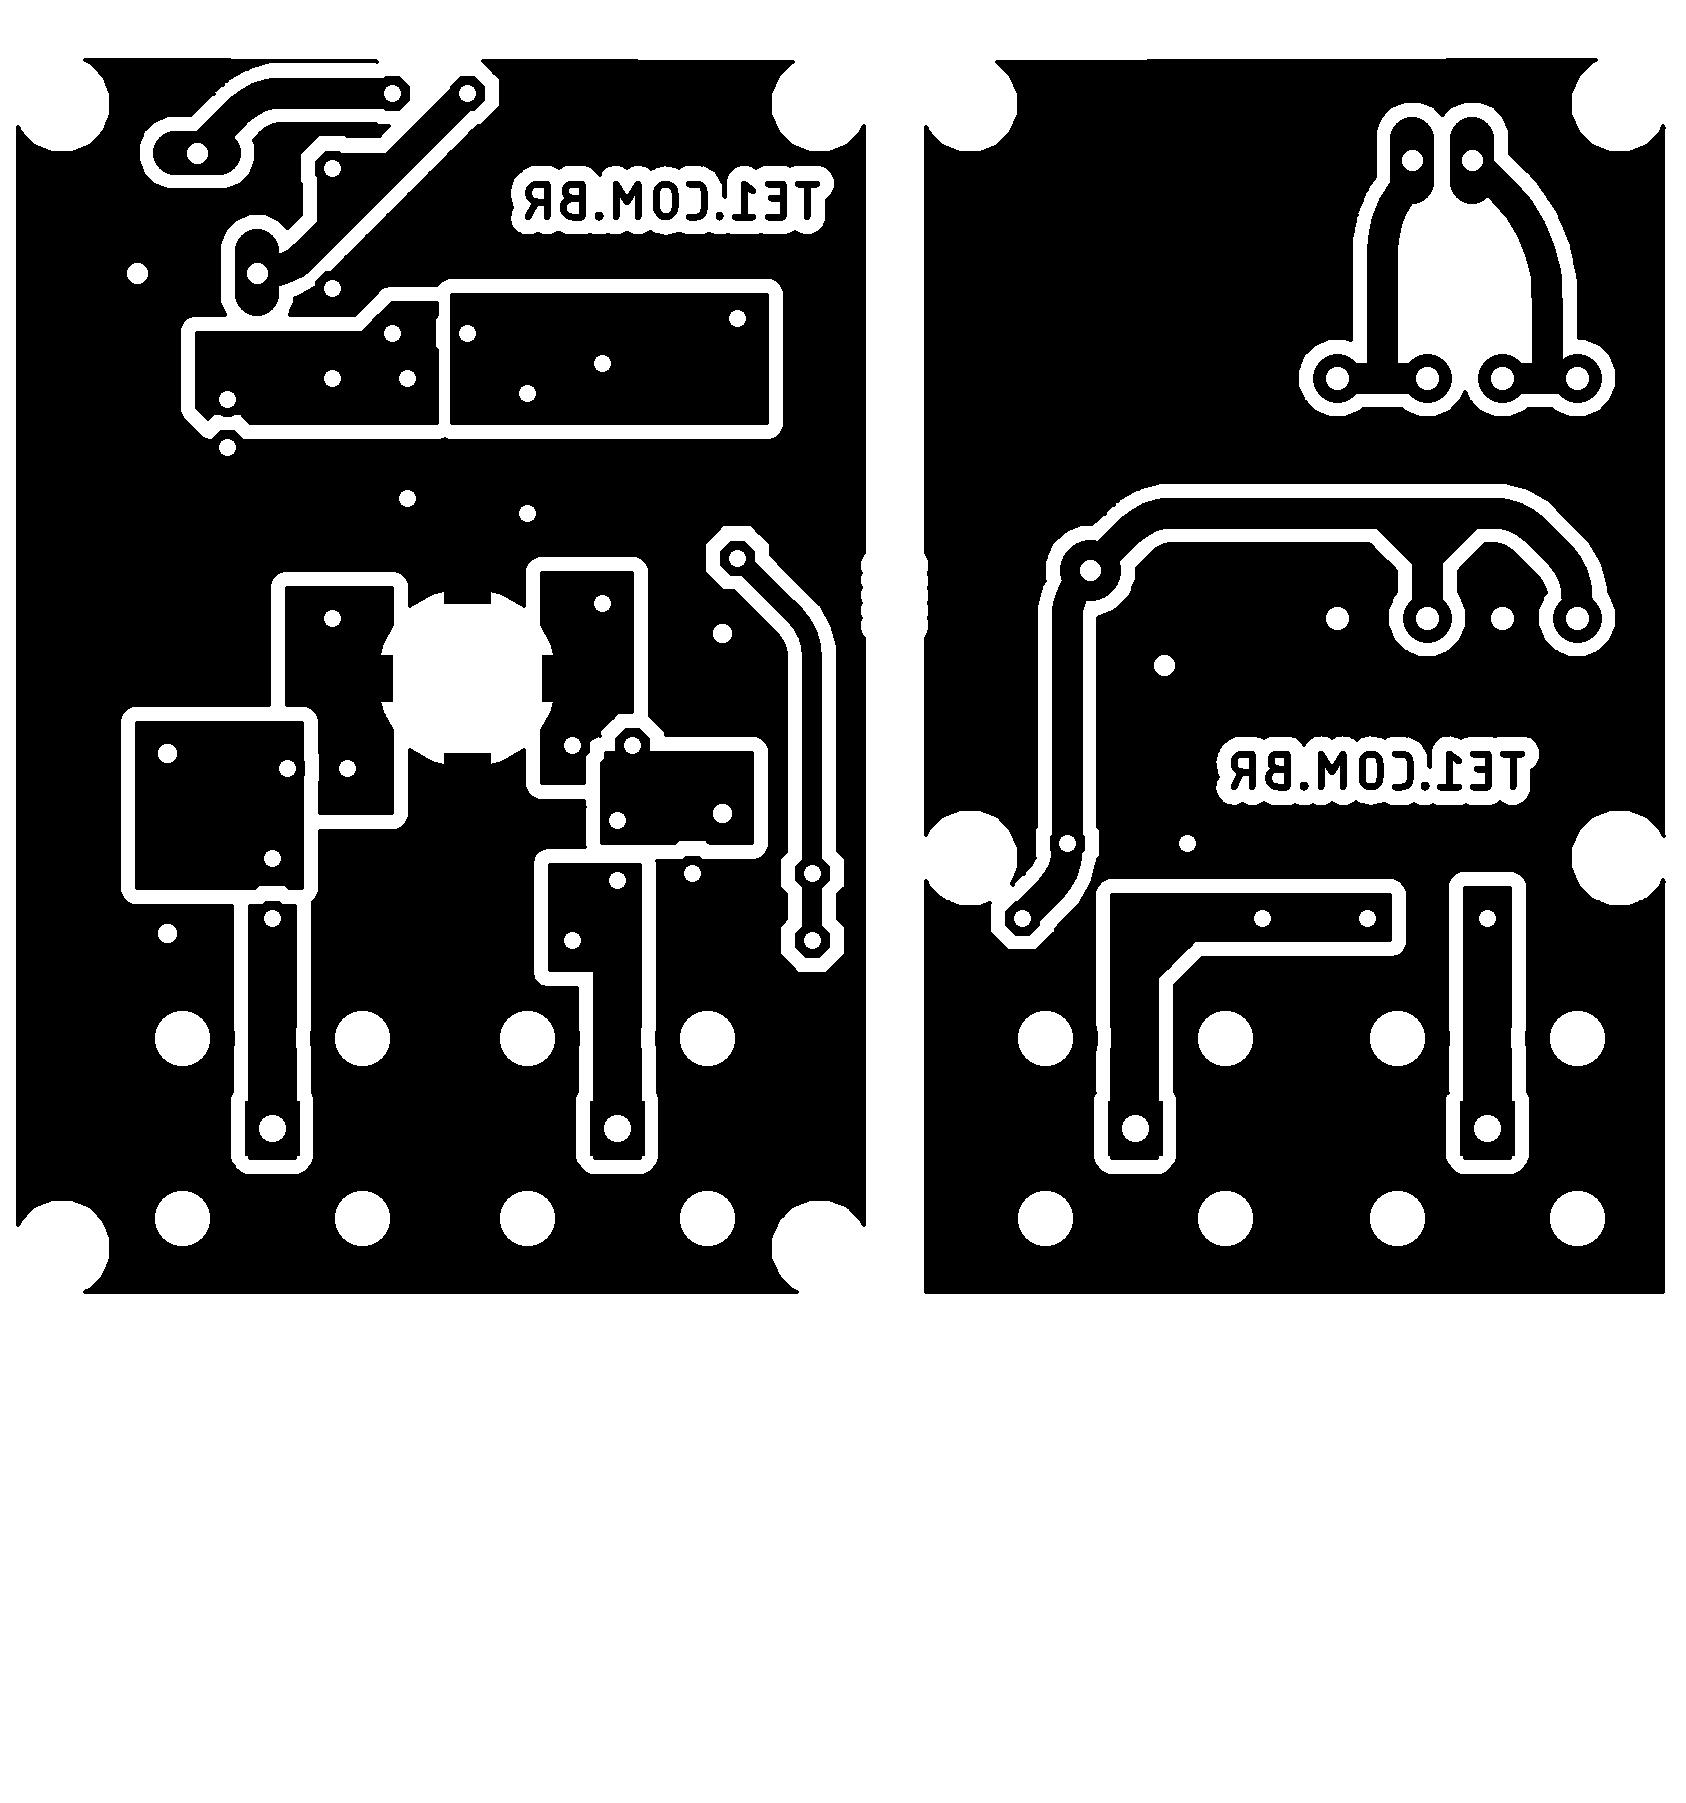 uhf antenna amplifier pcb layout Circuito amplificador de antenas UHF tv digital 10 a 15 dB nas frequências de 400 a 850MHz tv digital Transmissores e RF placa de circuito impresso Circuitos Amplificadores